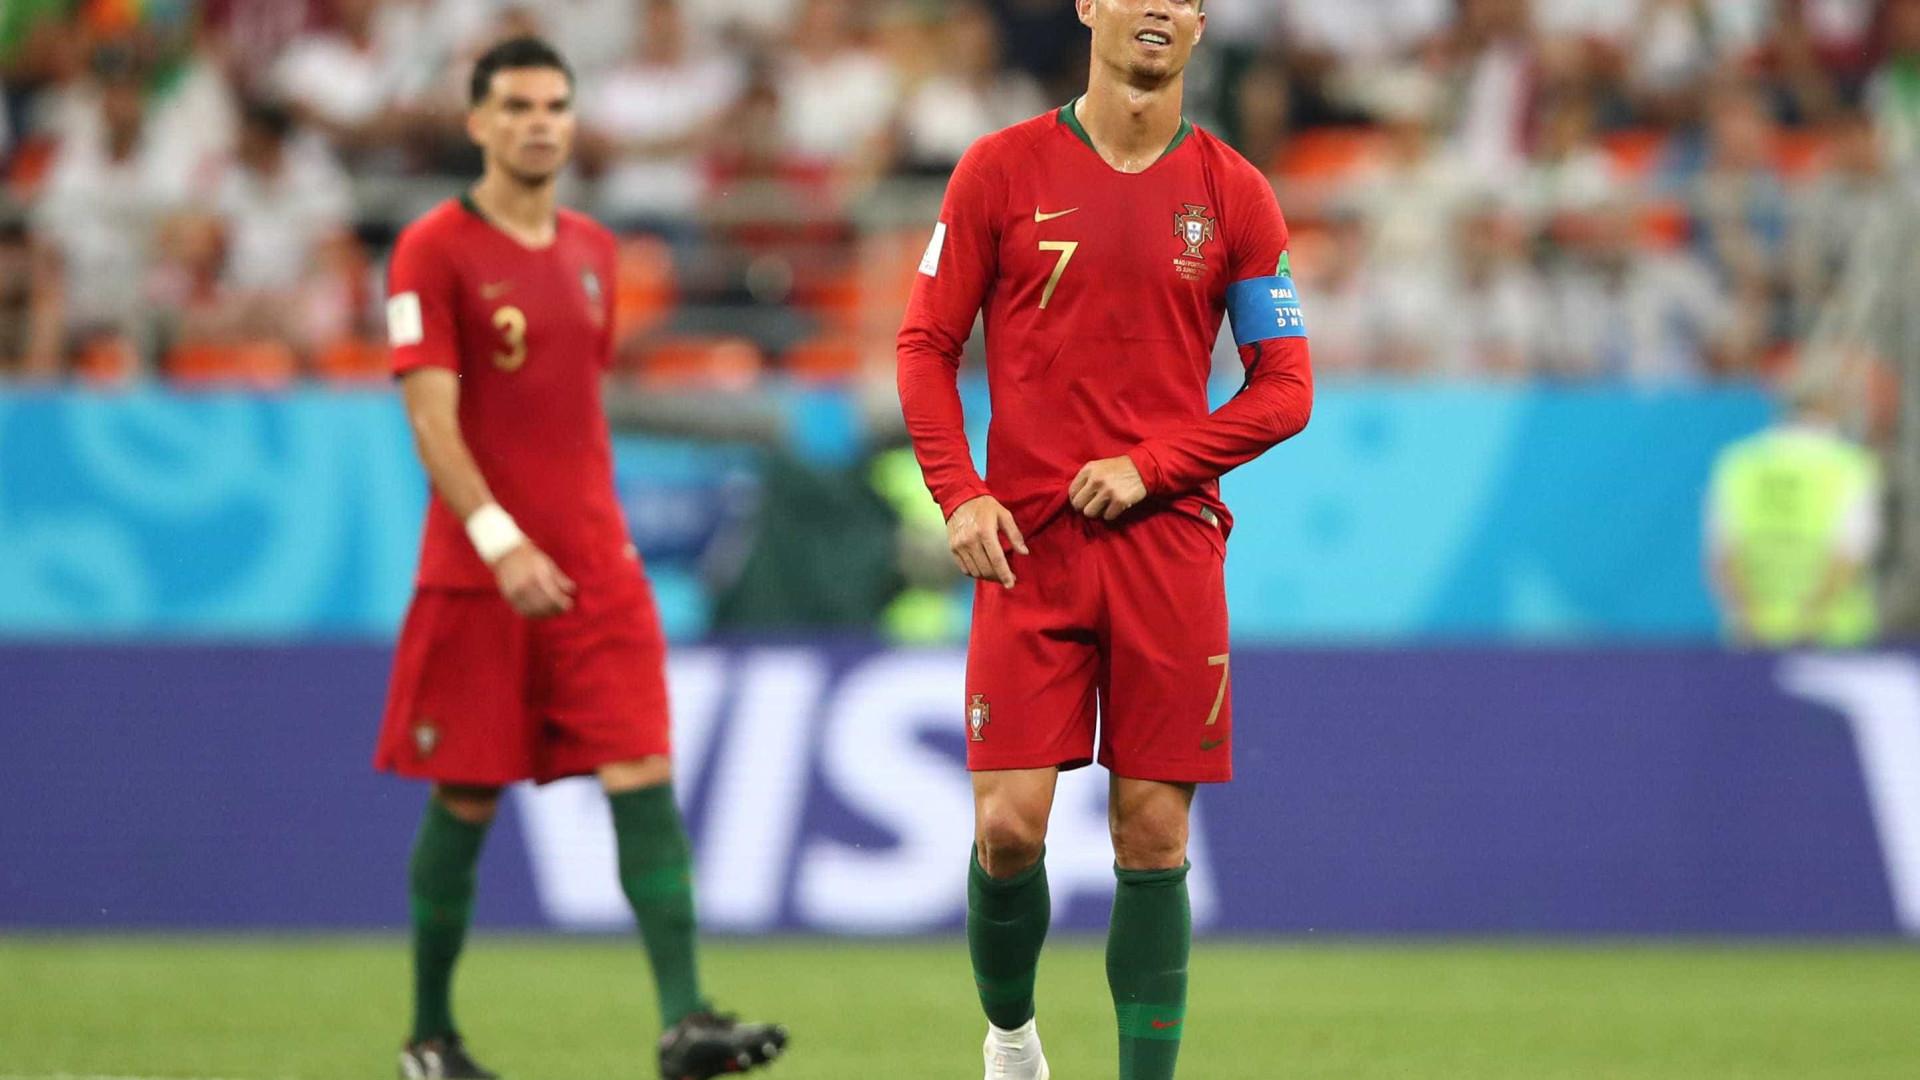 CR7 perde pênalti, mas Portugal se classifica com empate diante do Irã